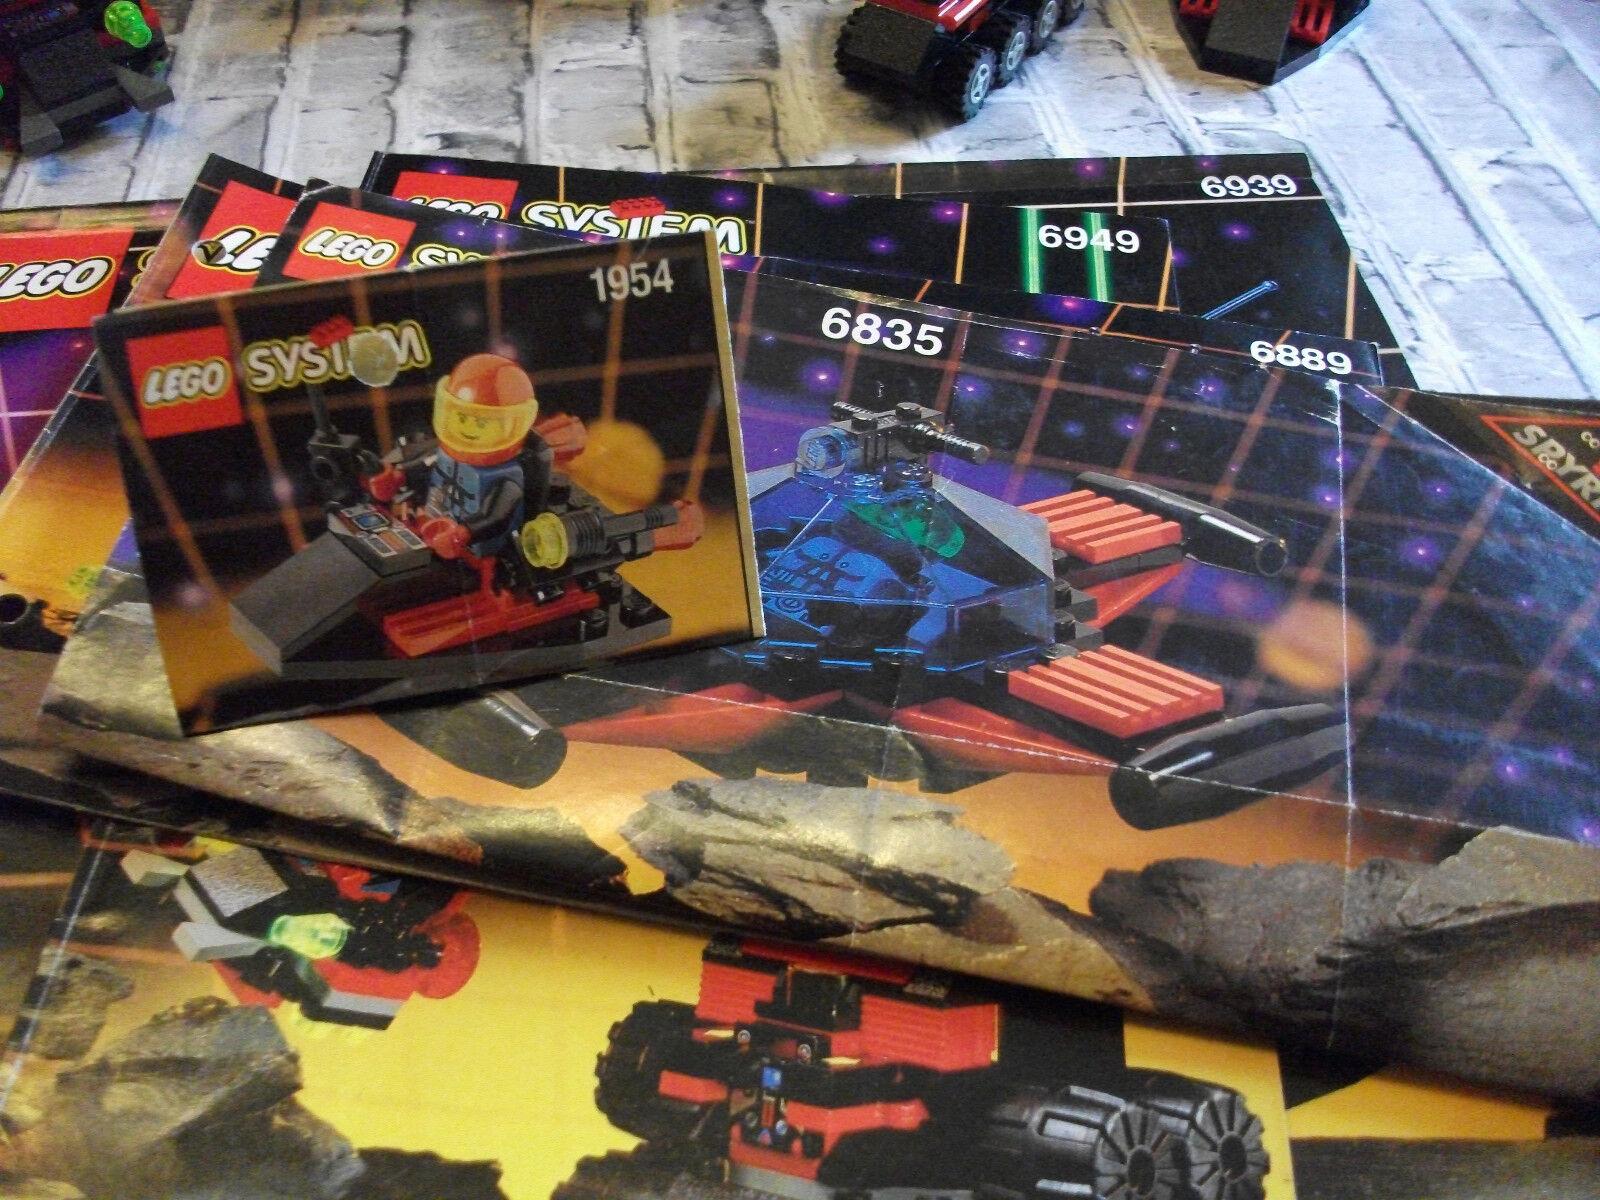 LEGO Space  Spyrius  6949 , 6939 , 6889 , 6835 , 1954